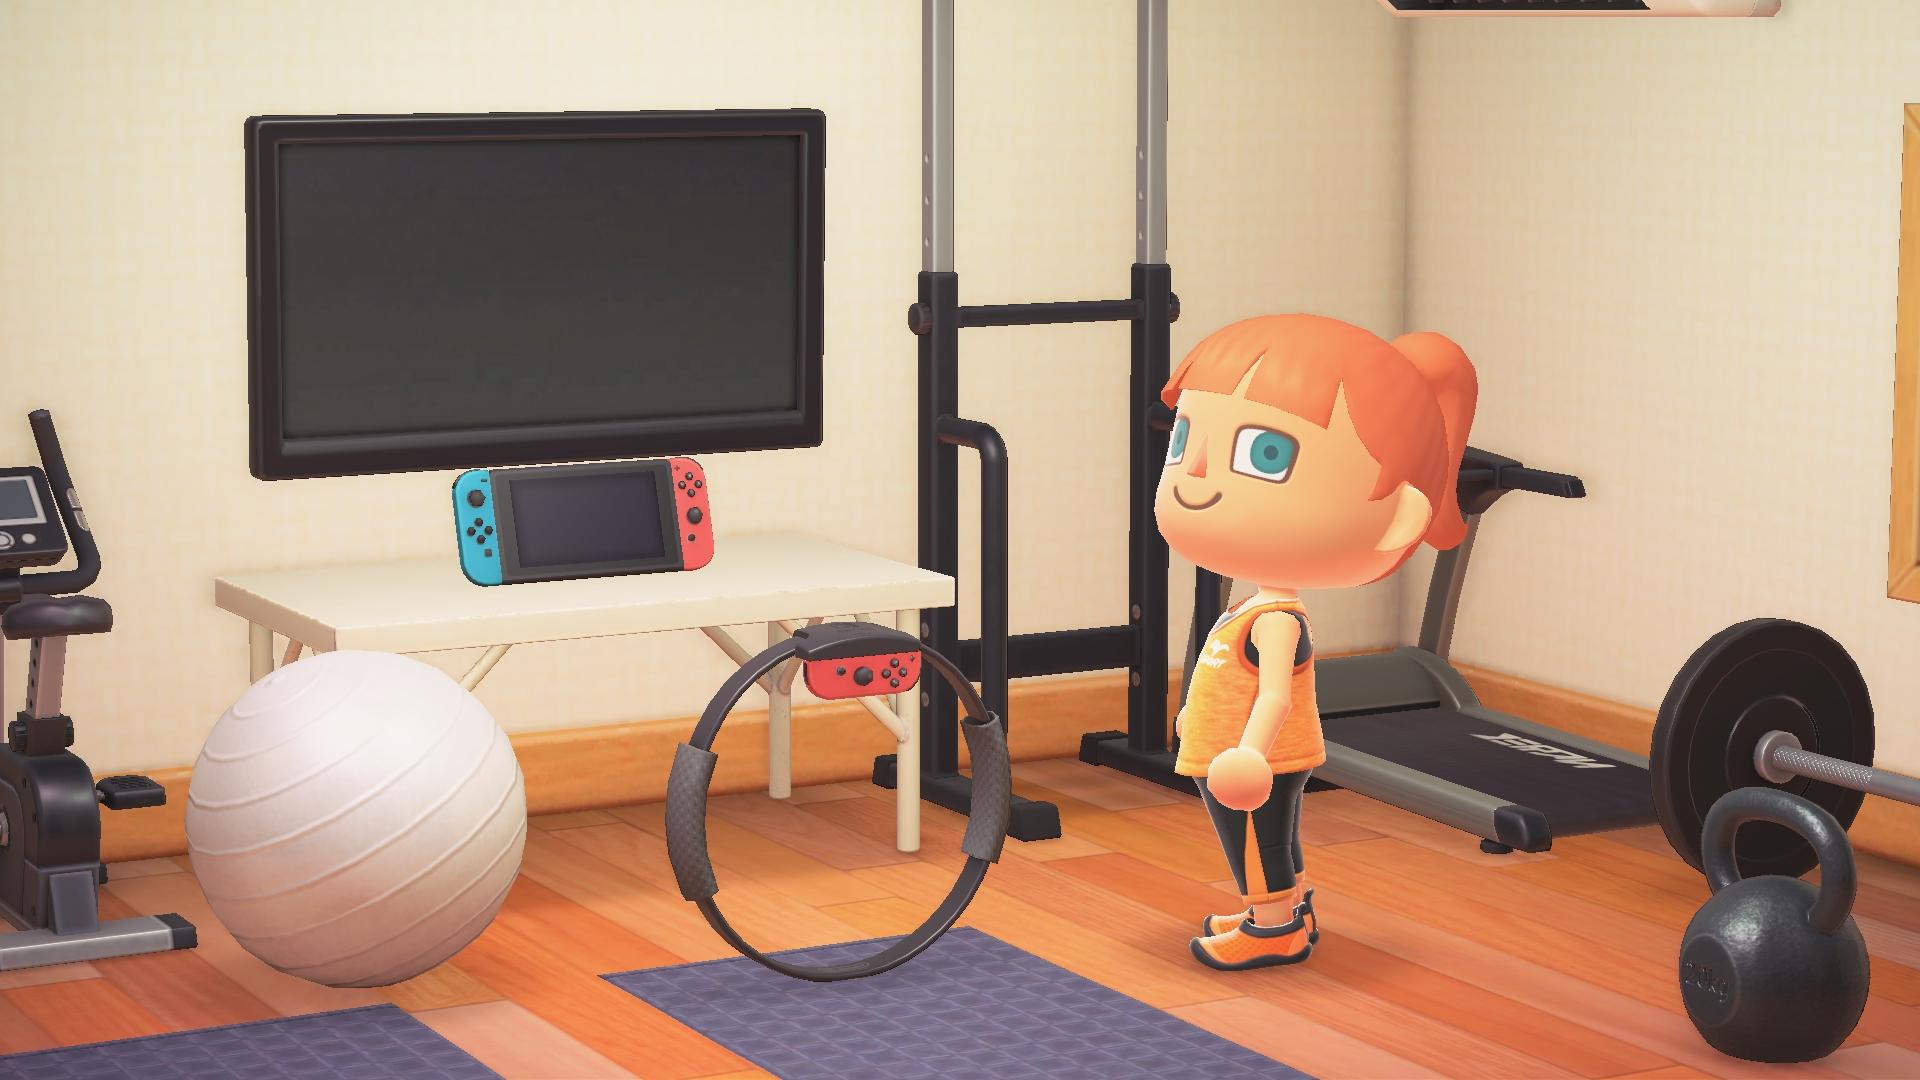 I giocatori di Animal Crossing: New Horizons riceveranno un Ring-Con all'interno del gioco